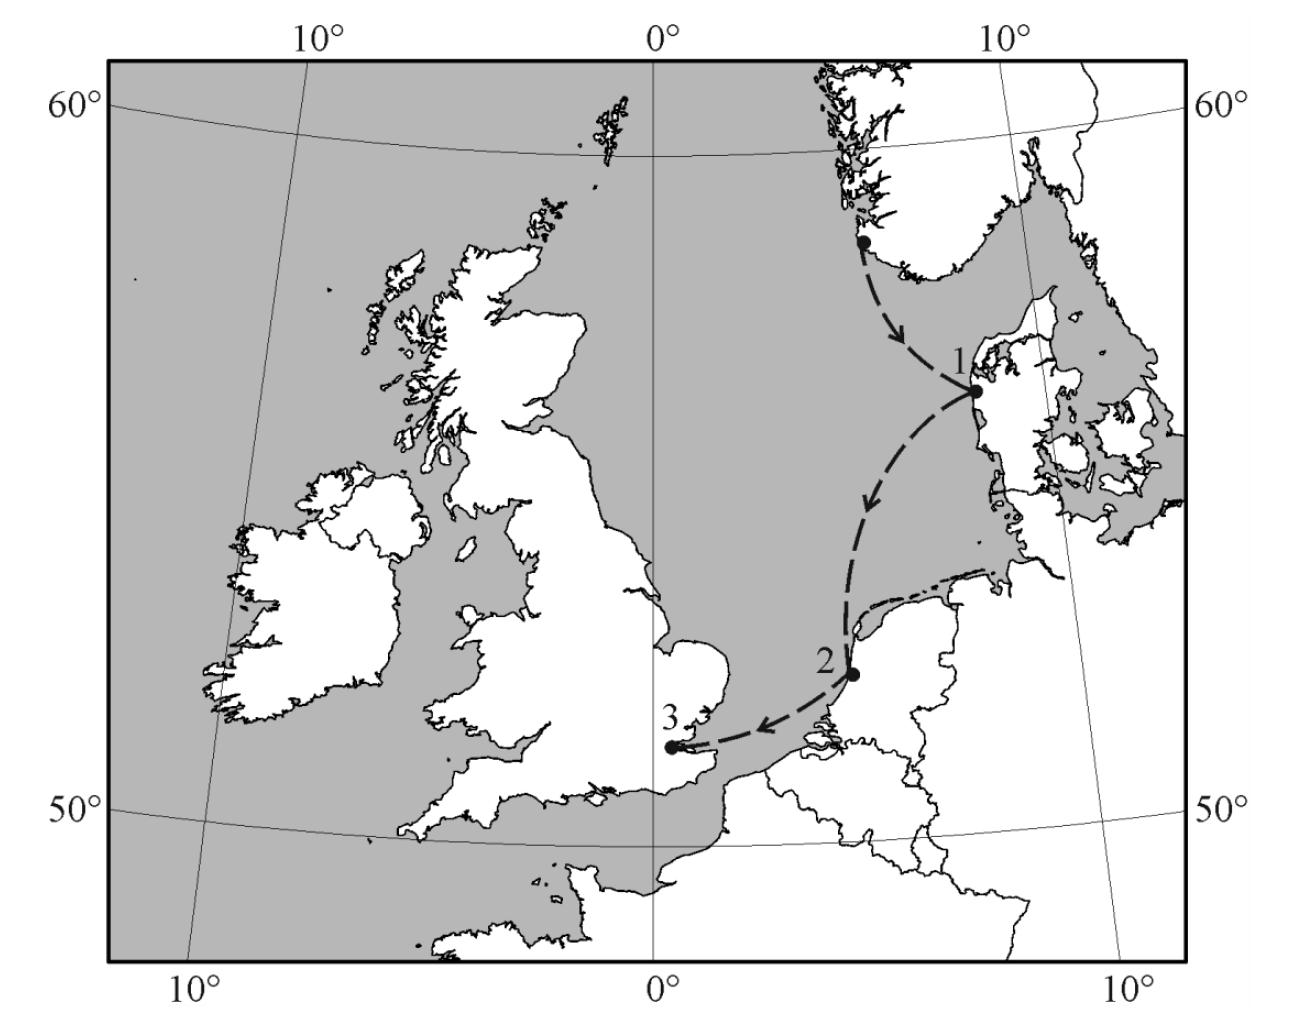 Mapa Europy, państwa basenu morza Bałtyckiego